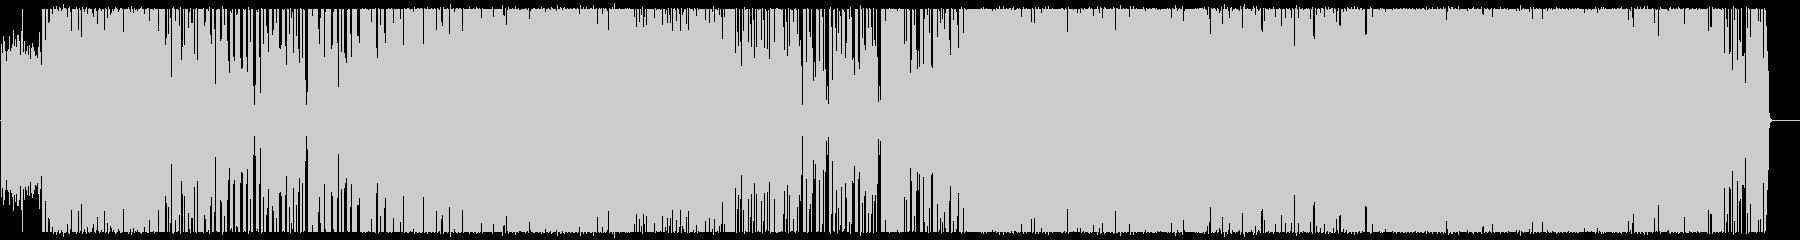 ライフタイム サウンドトラックの未再生の波形